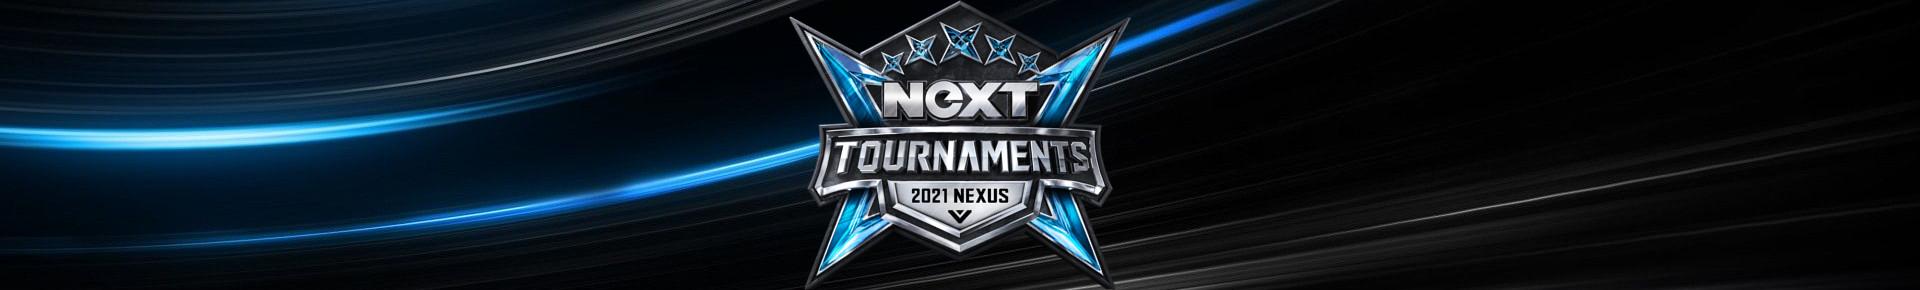 NetEase Esports X Tournament Free Season logo